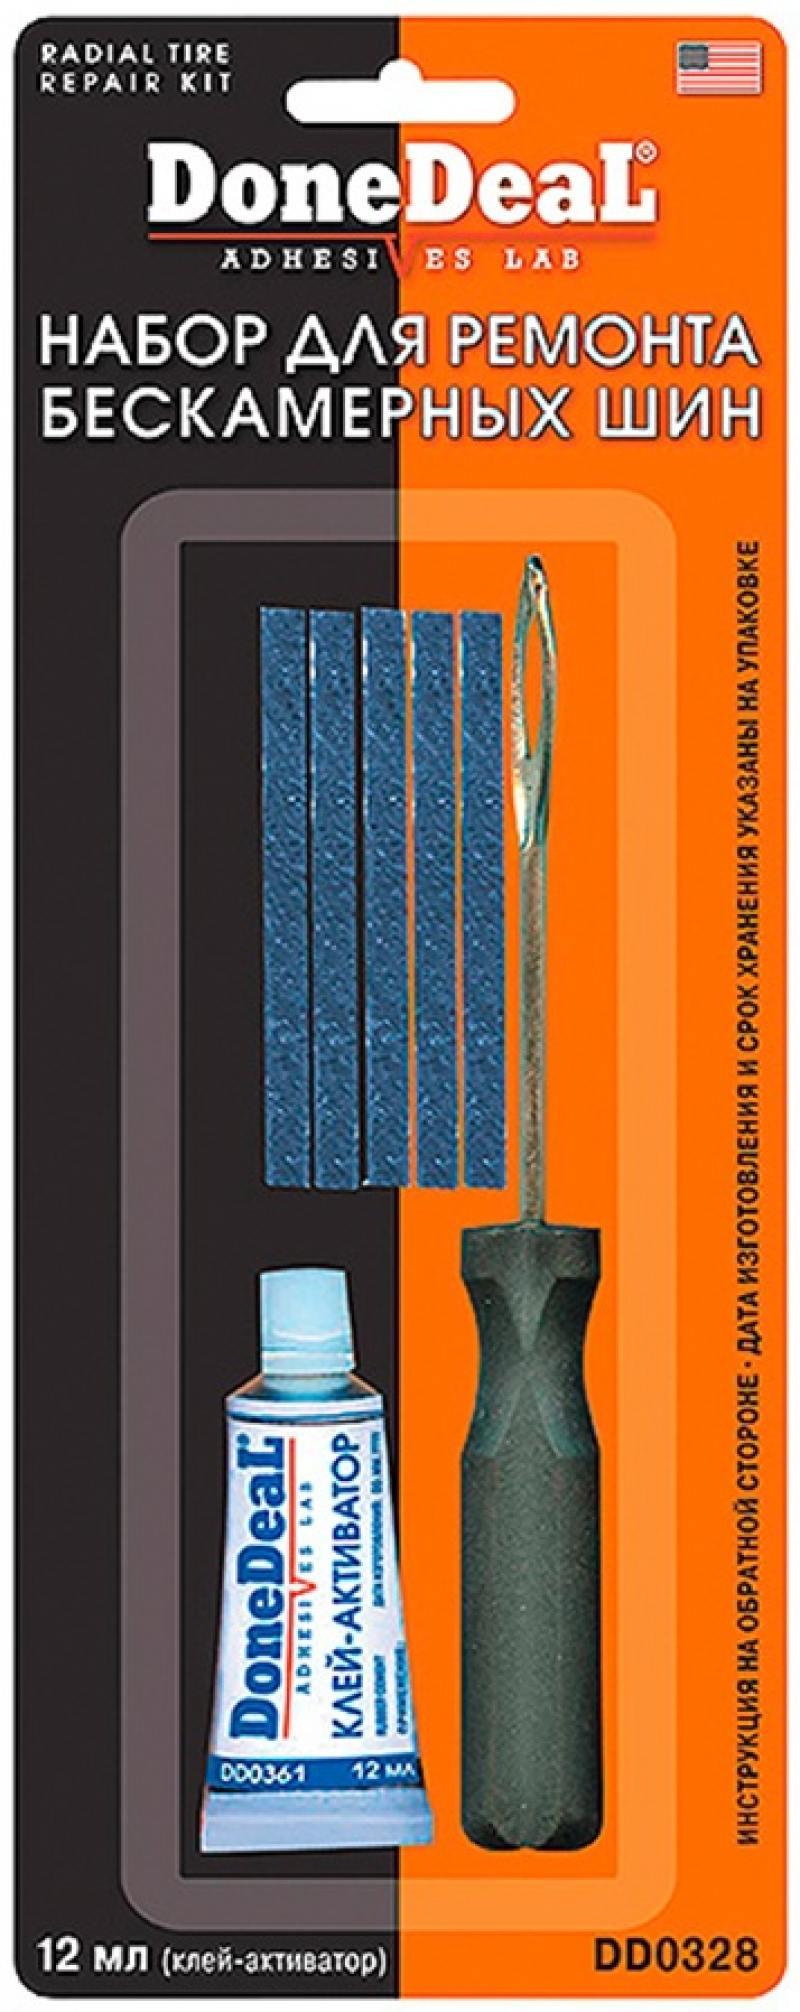 Набор для ремонта бескамерных шин Done Deal DD 0328